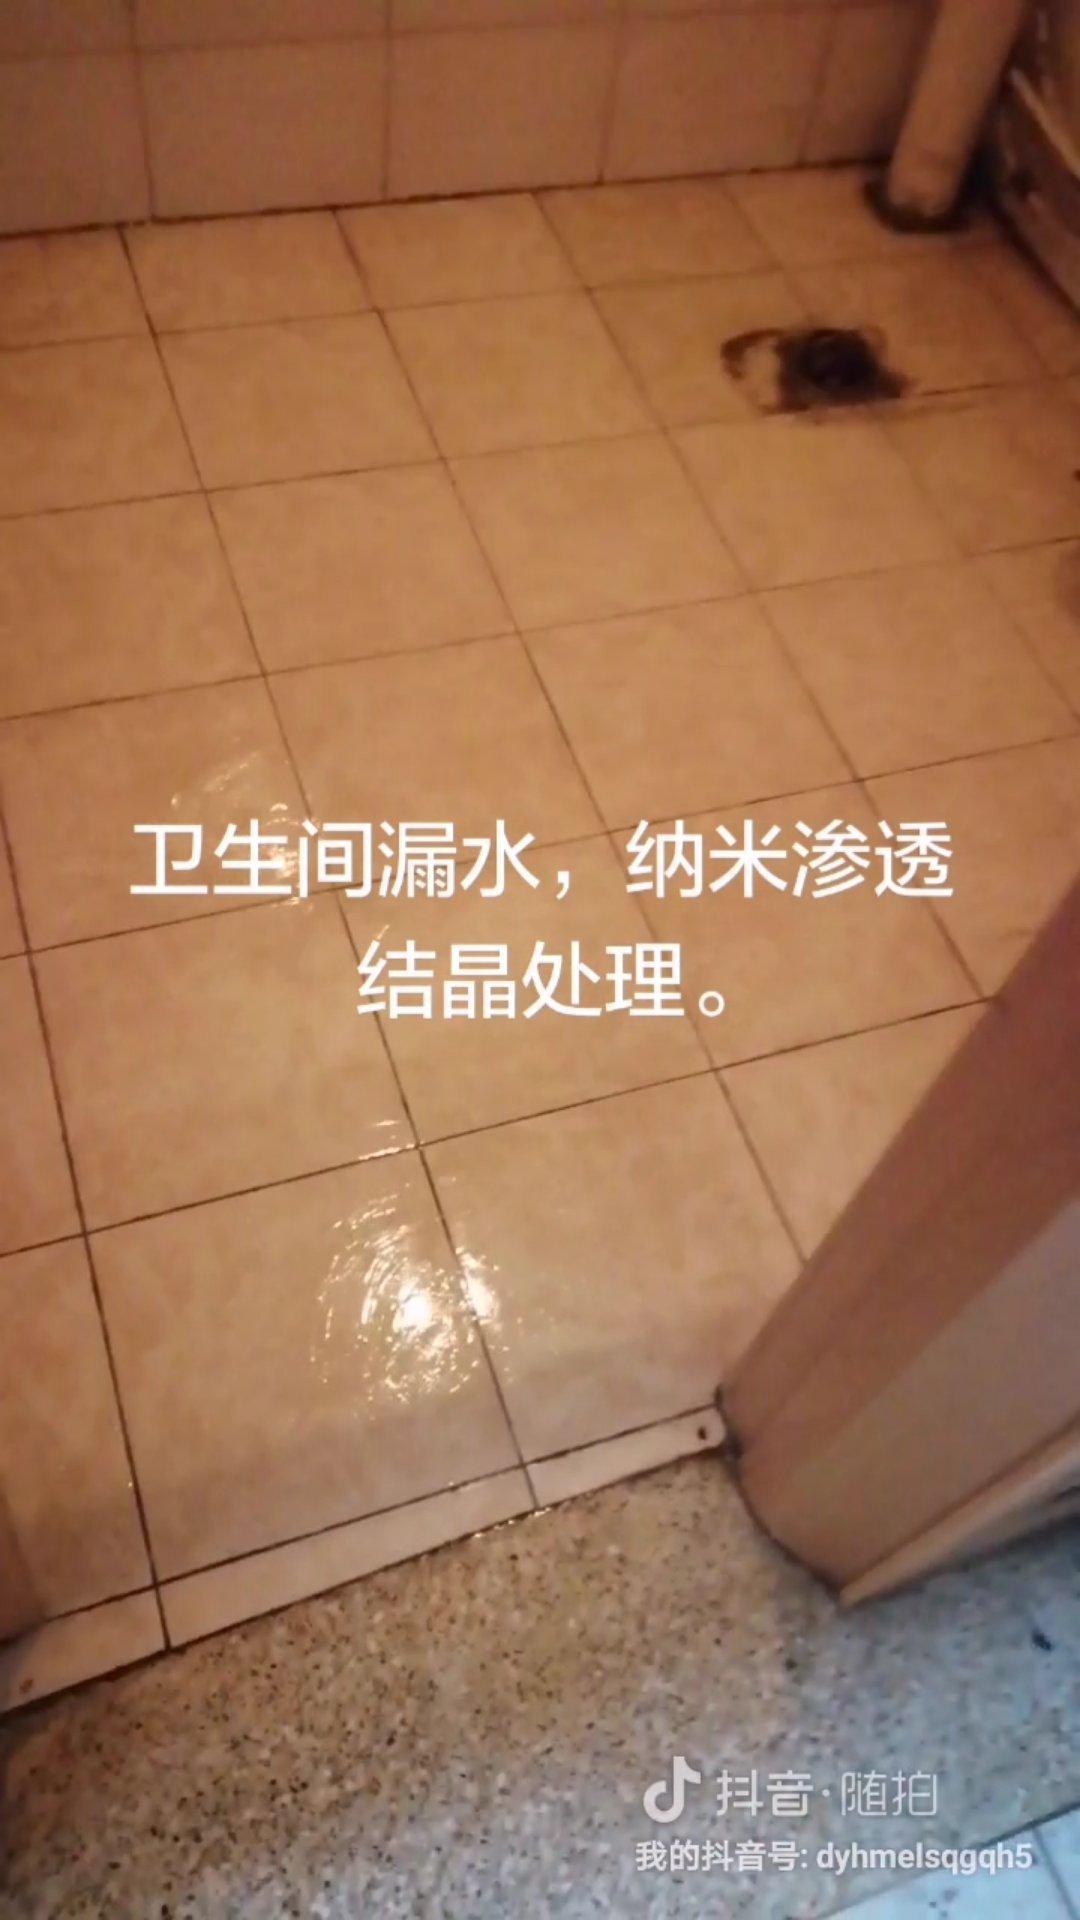 墙内管道漏水检测多少钱